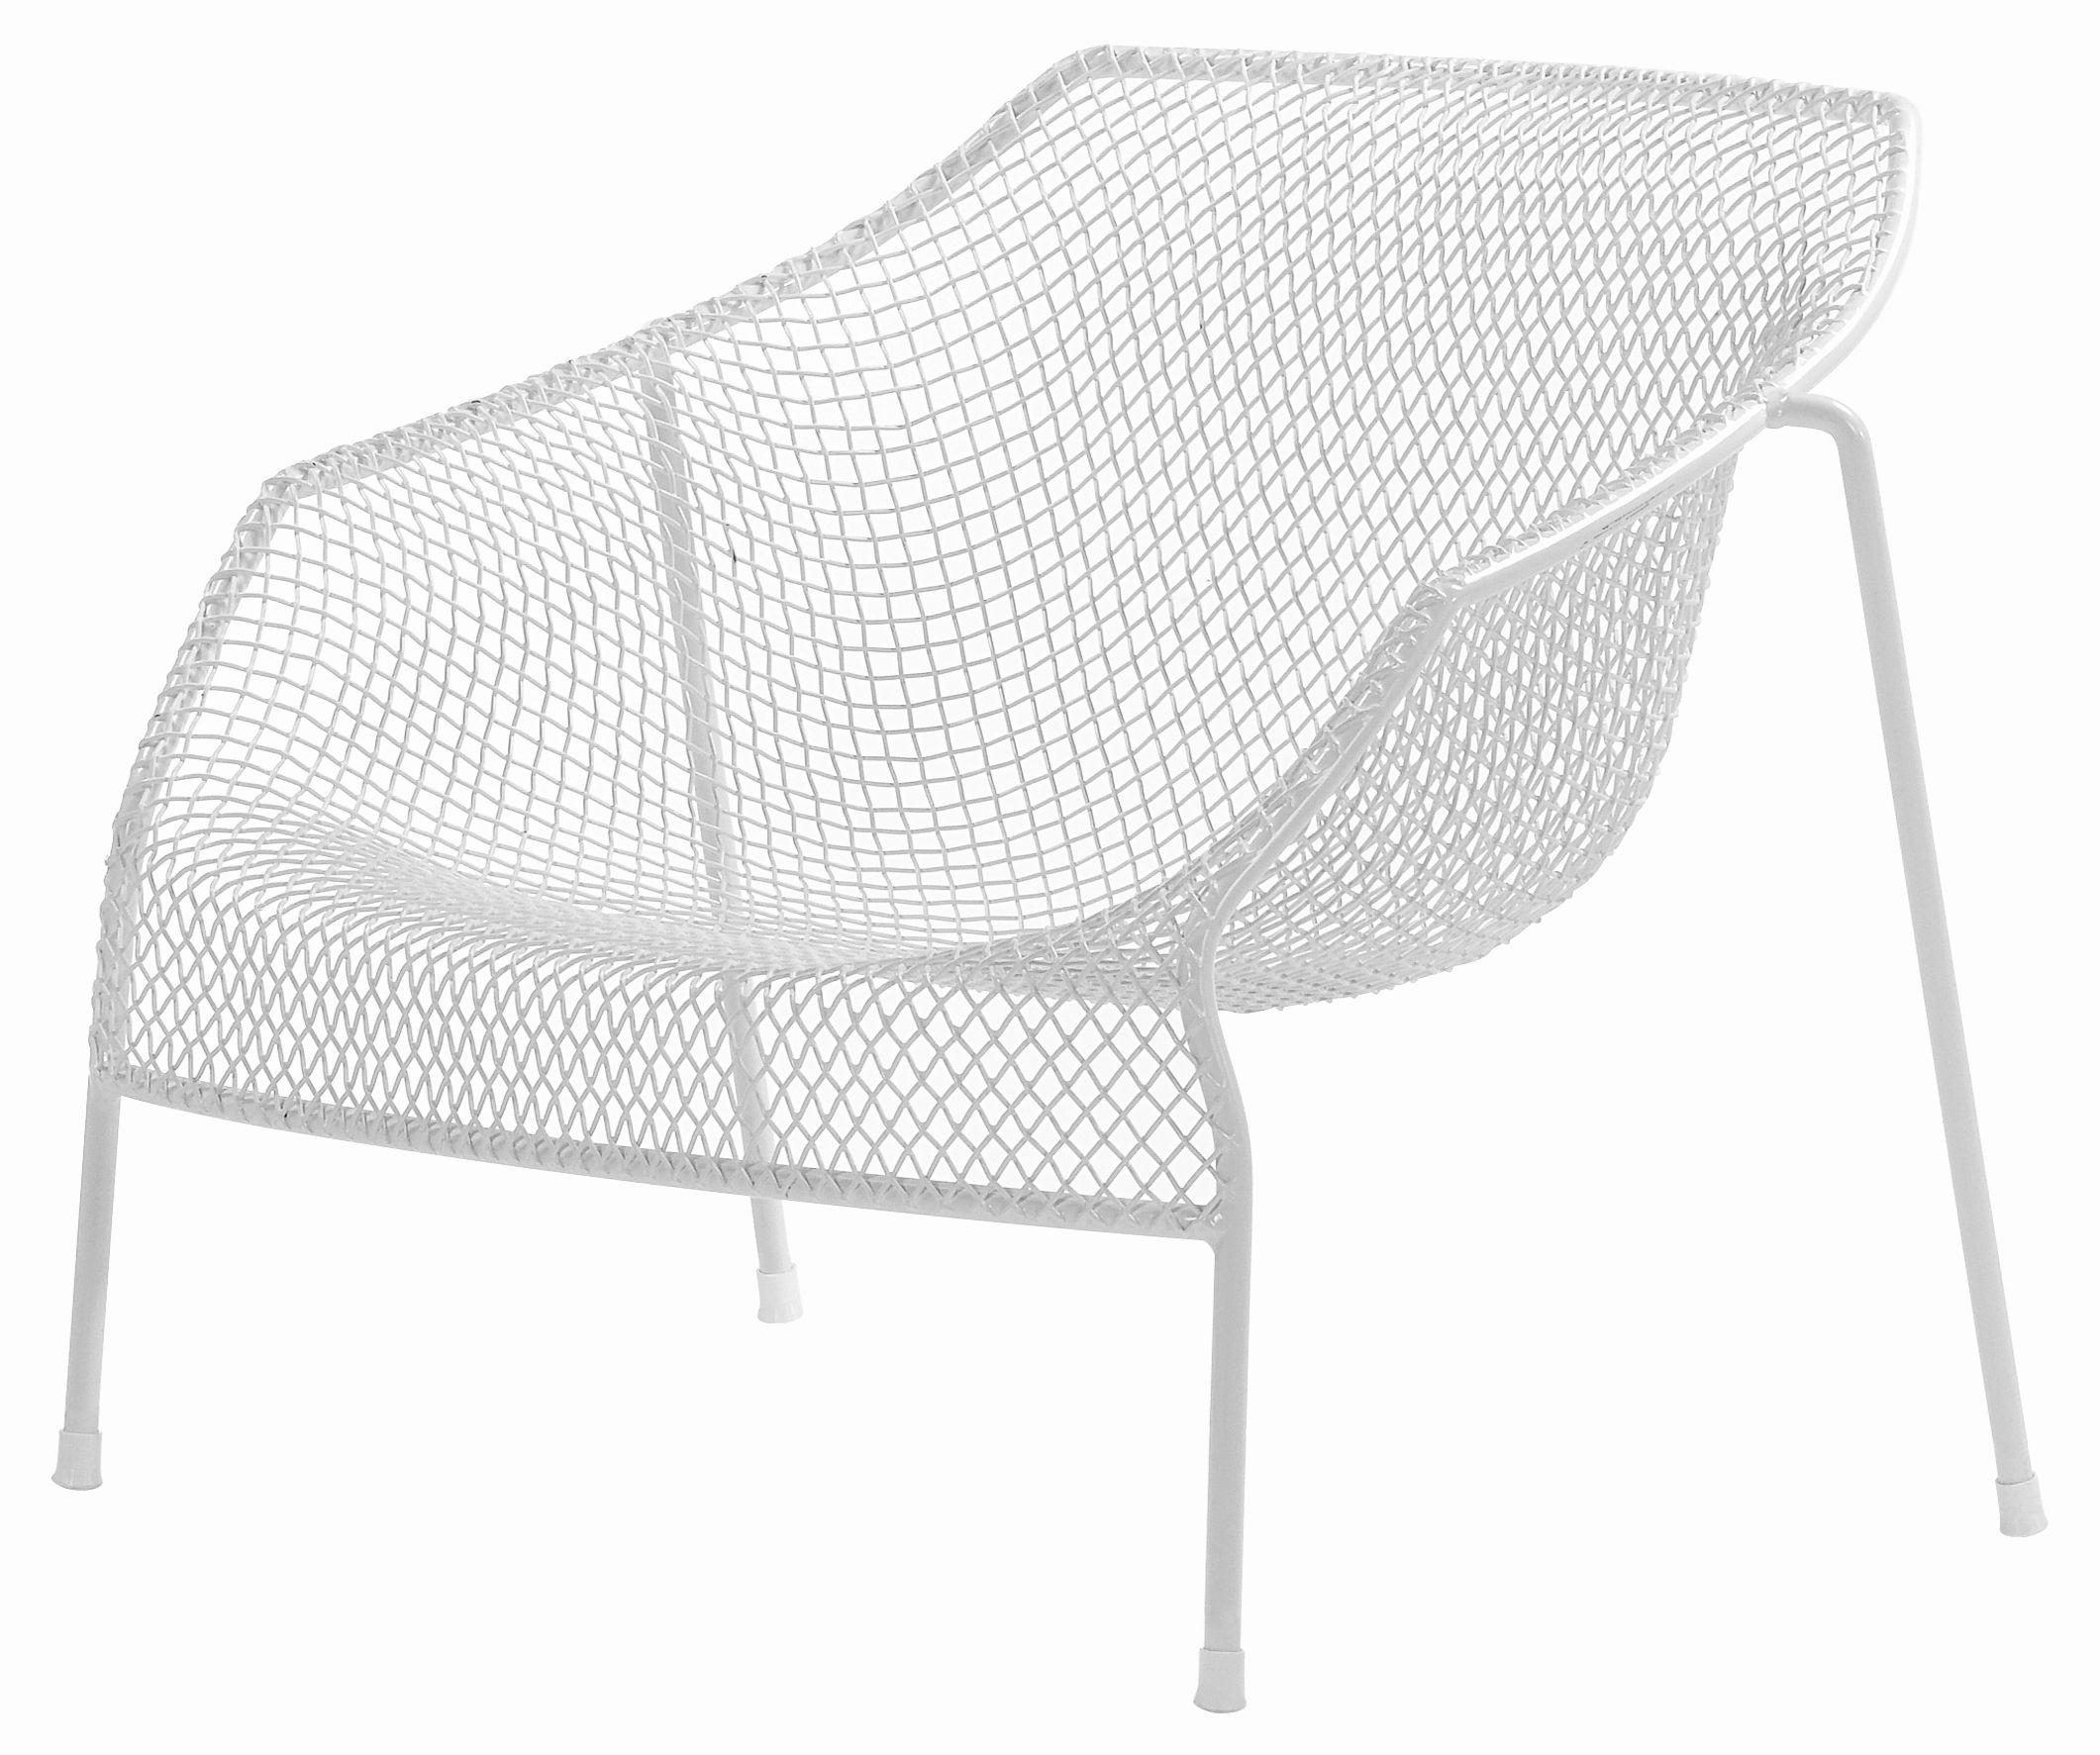 Mobilier - Fauteuils - Fauteuil bas Heaven / Métal - Emu - Blanc mat - Acier